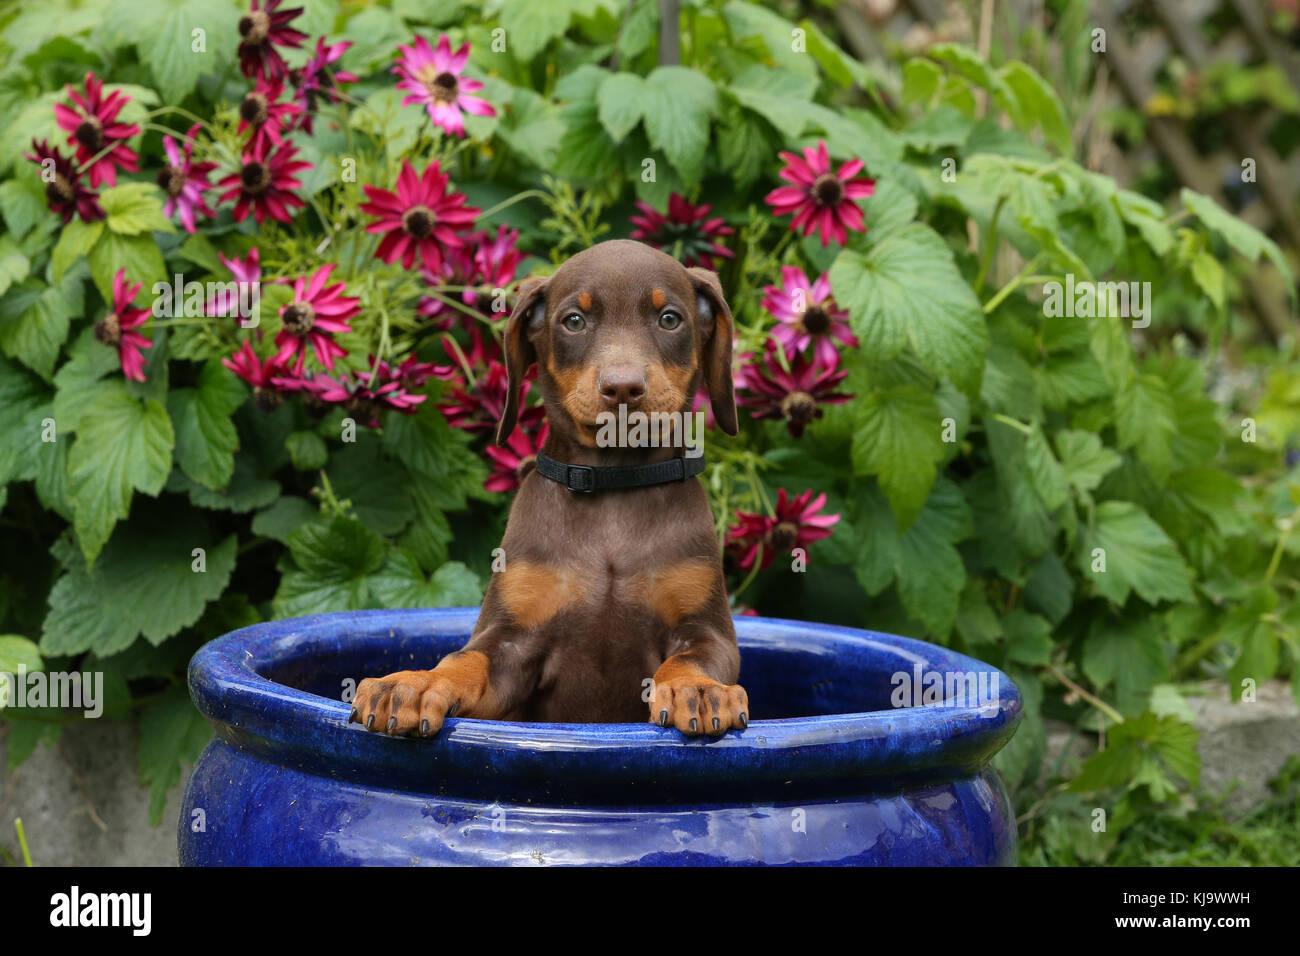 Doberman Pinscher Puppy - Stock Image